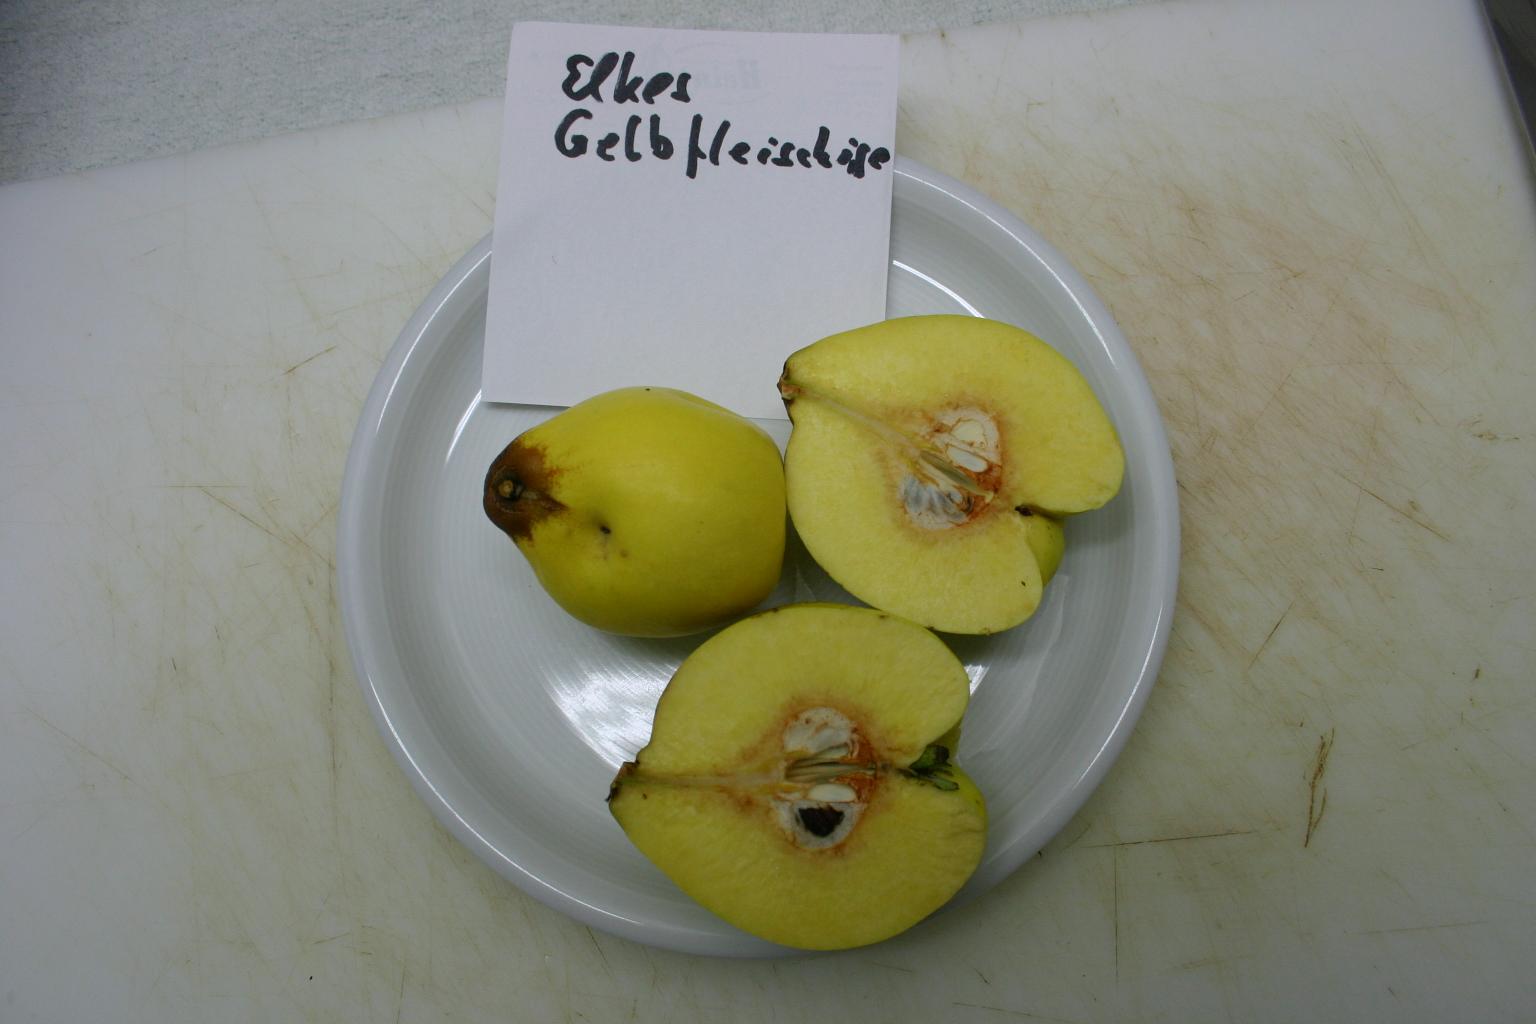 Quitte 'Elkes Gelbfleischige'